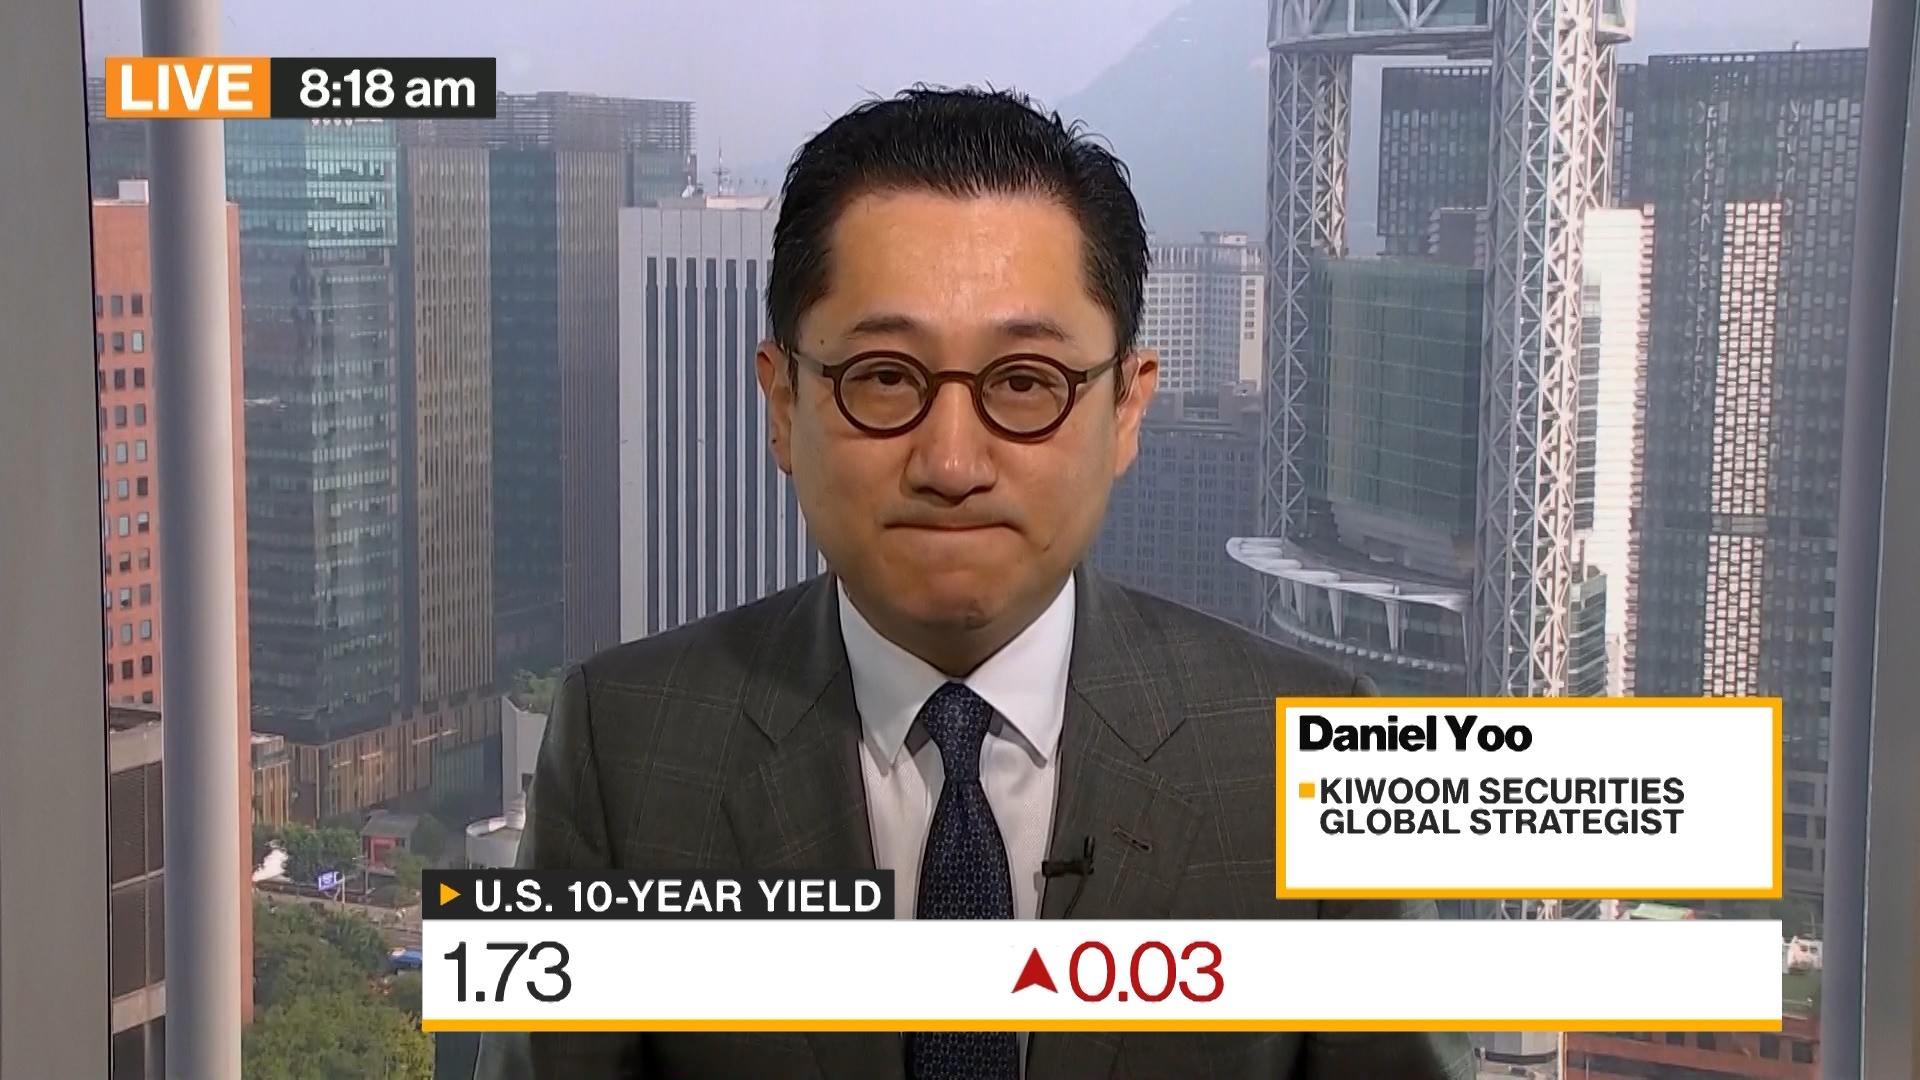 Kiwoom Securities's Yoo Likes Biohealthcare, Alternative Energies